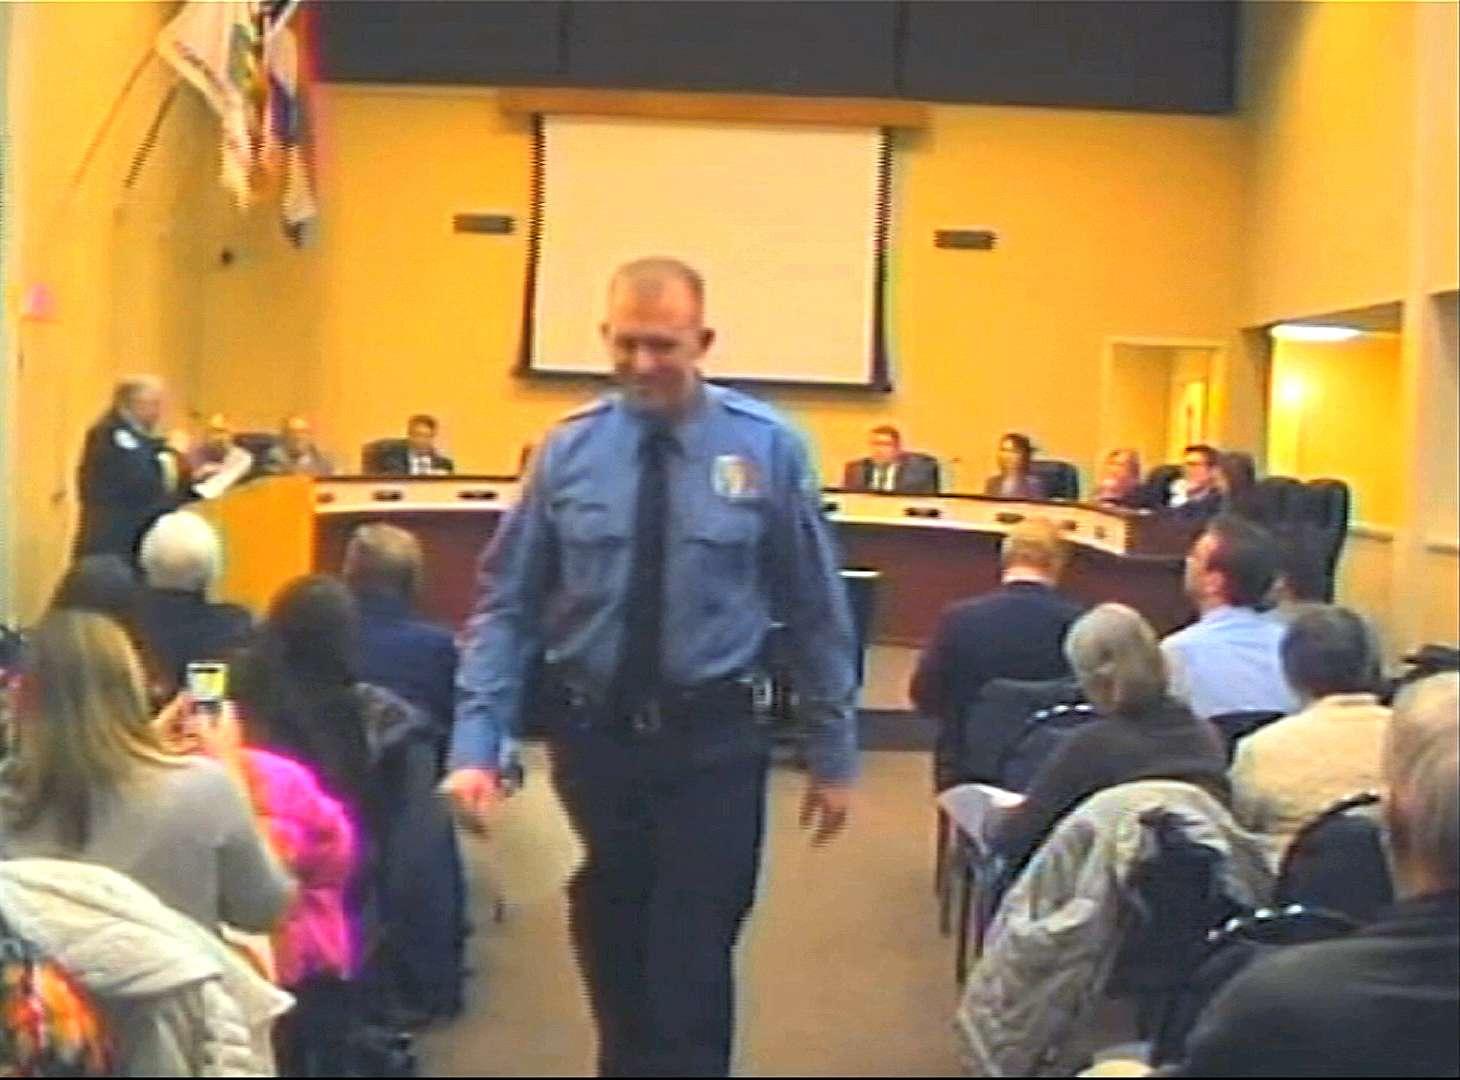 El oficial Darren Wilson asiste a una reunión del consejo municipal en Ferguson, en foto de archivo del 11 de febrero de 2014. Foto: AP en español